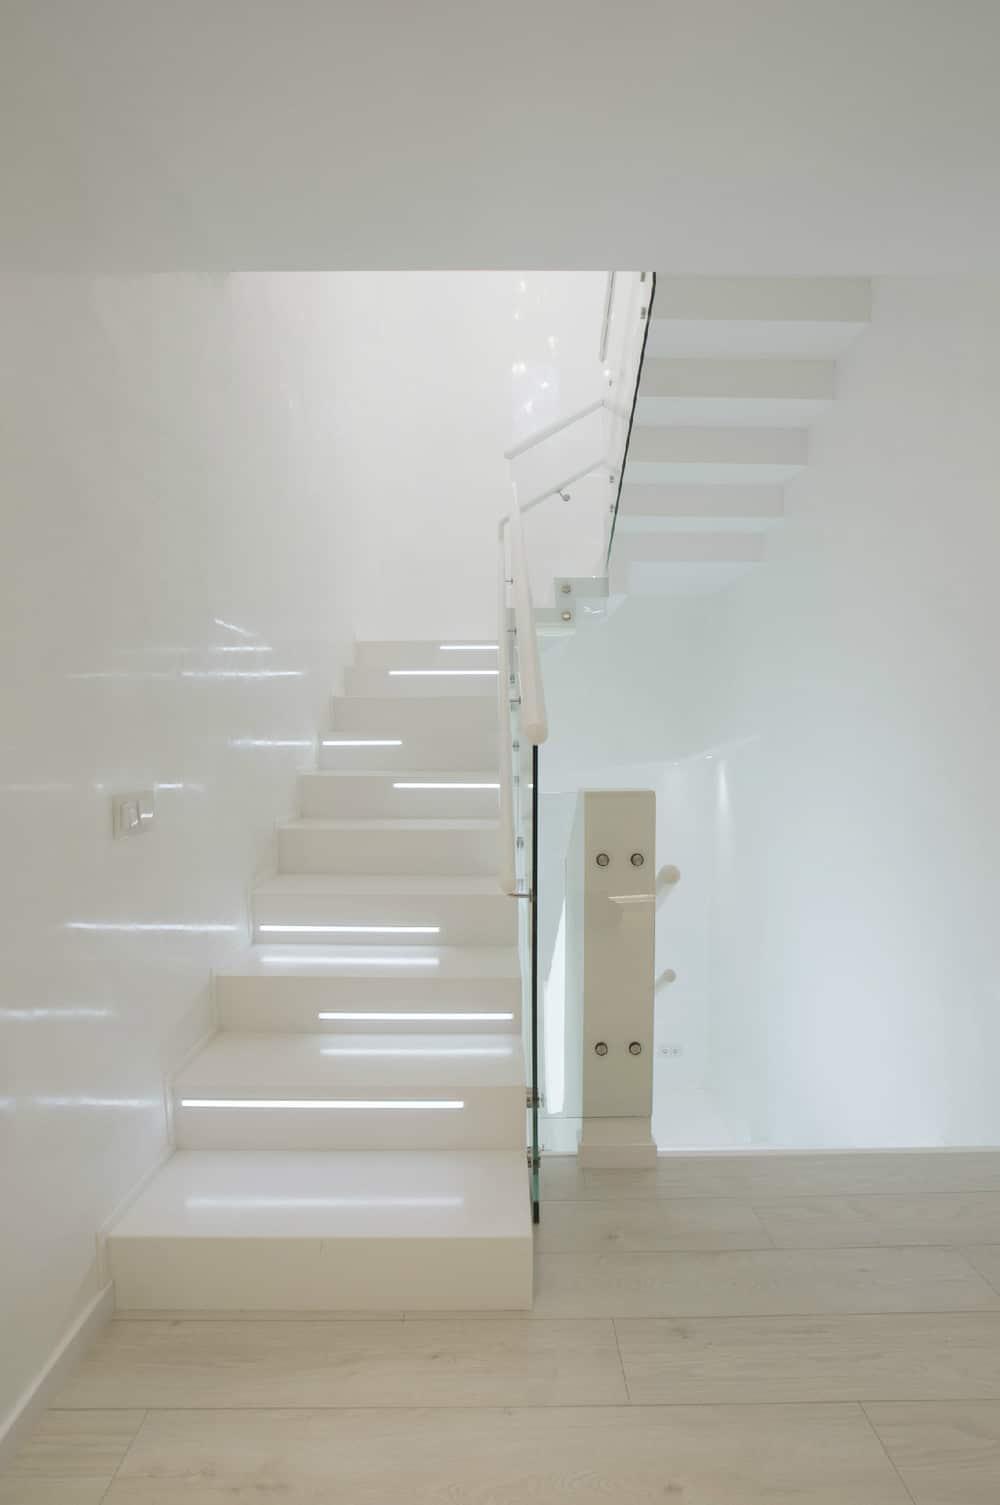 Dise o de penthouse ultra moderno decoraci n de interiores for Diseno de escaleras interiores minimalistas